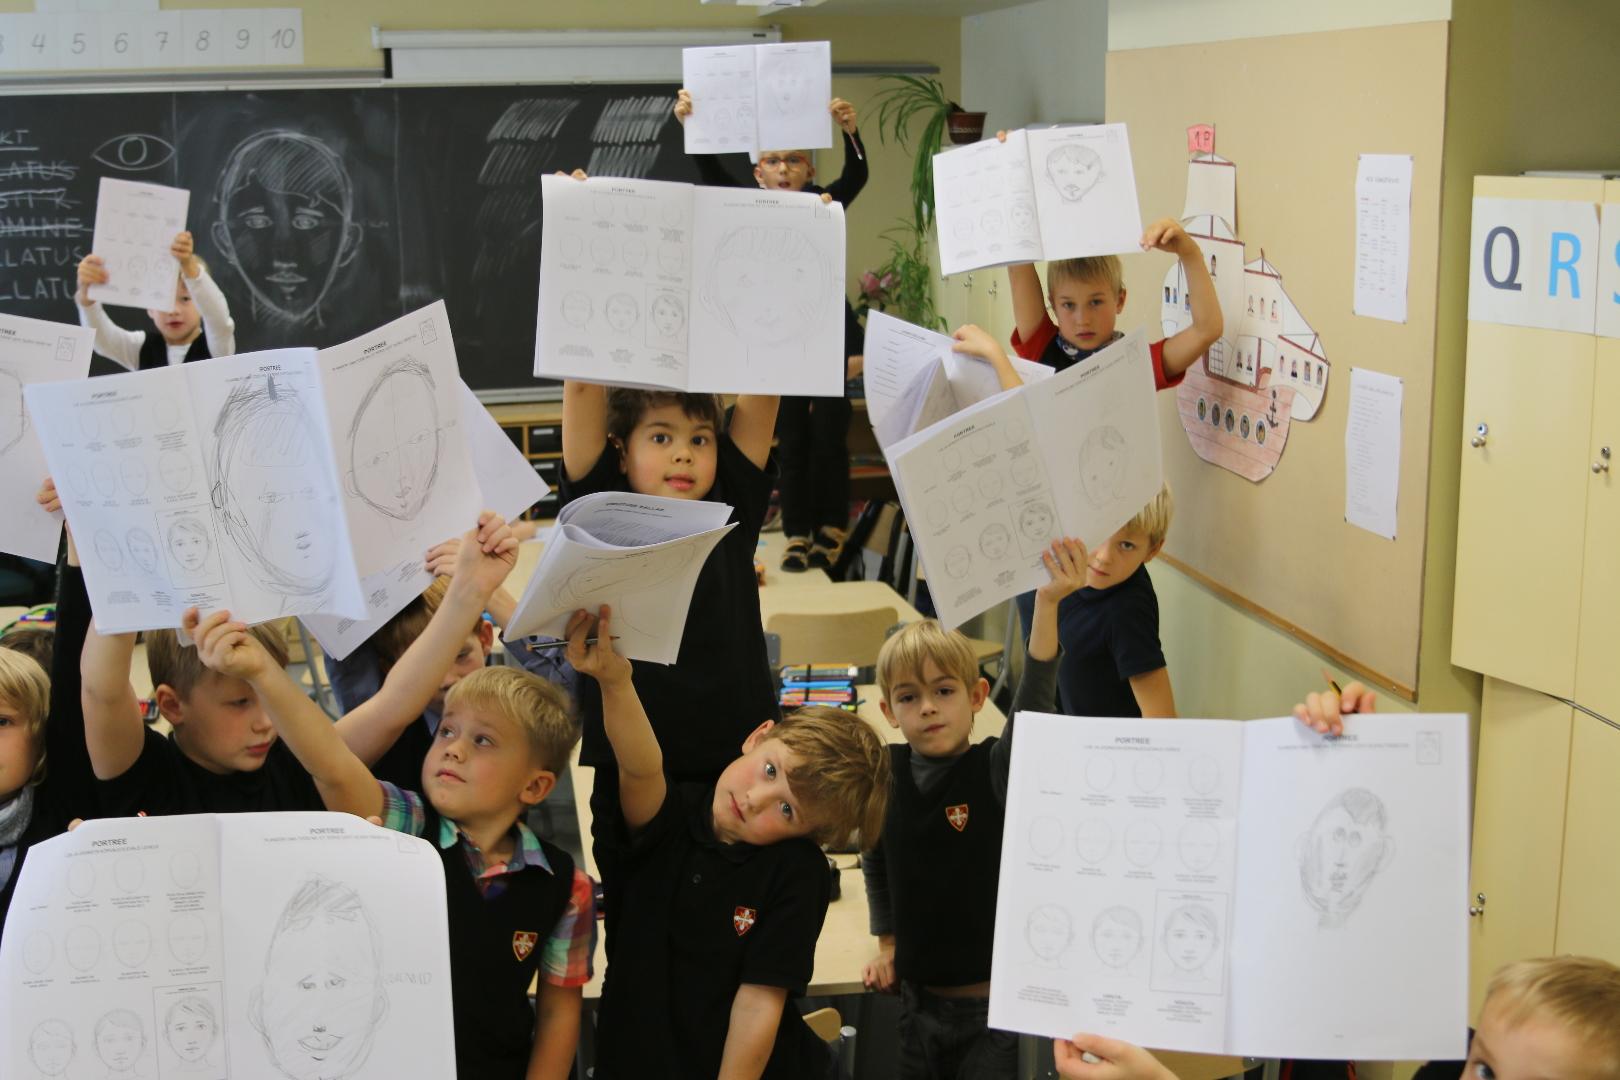 Lihtne joonistamine Vanalinna Hariduskolleegiumi poiste esimeses klassis